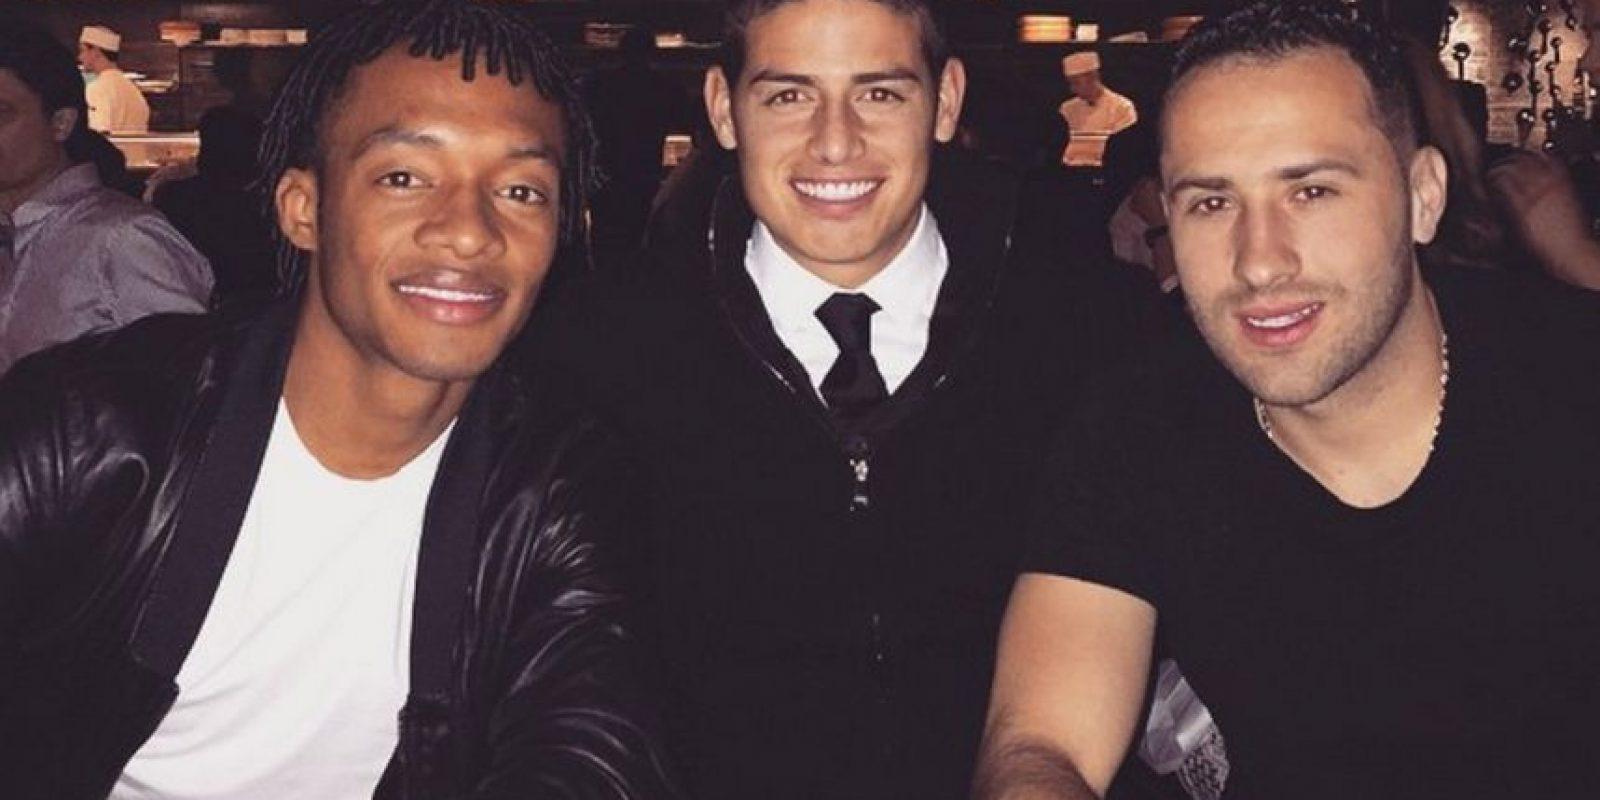 También comparte momentos con sus amigos. En la imagen aparece junto a Juan Cuadrado y David Ospina Foto:Instagram: @jamesrodriguez10